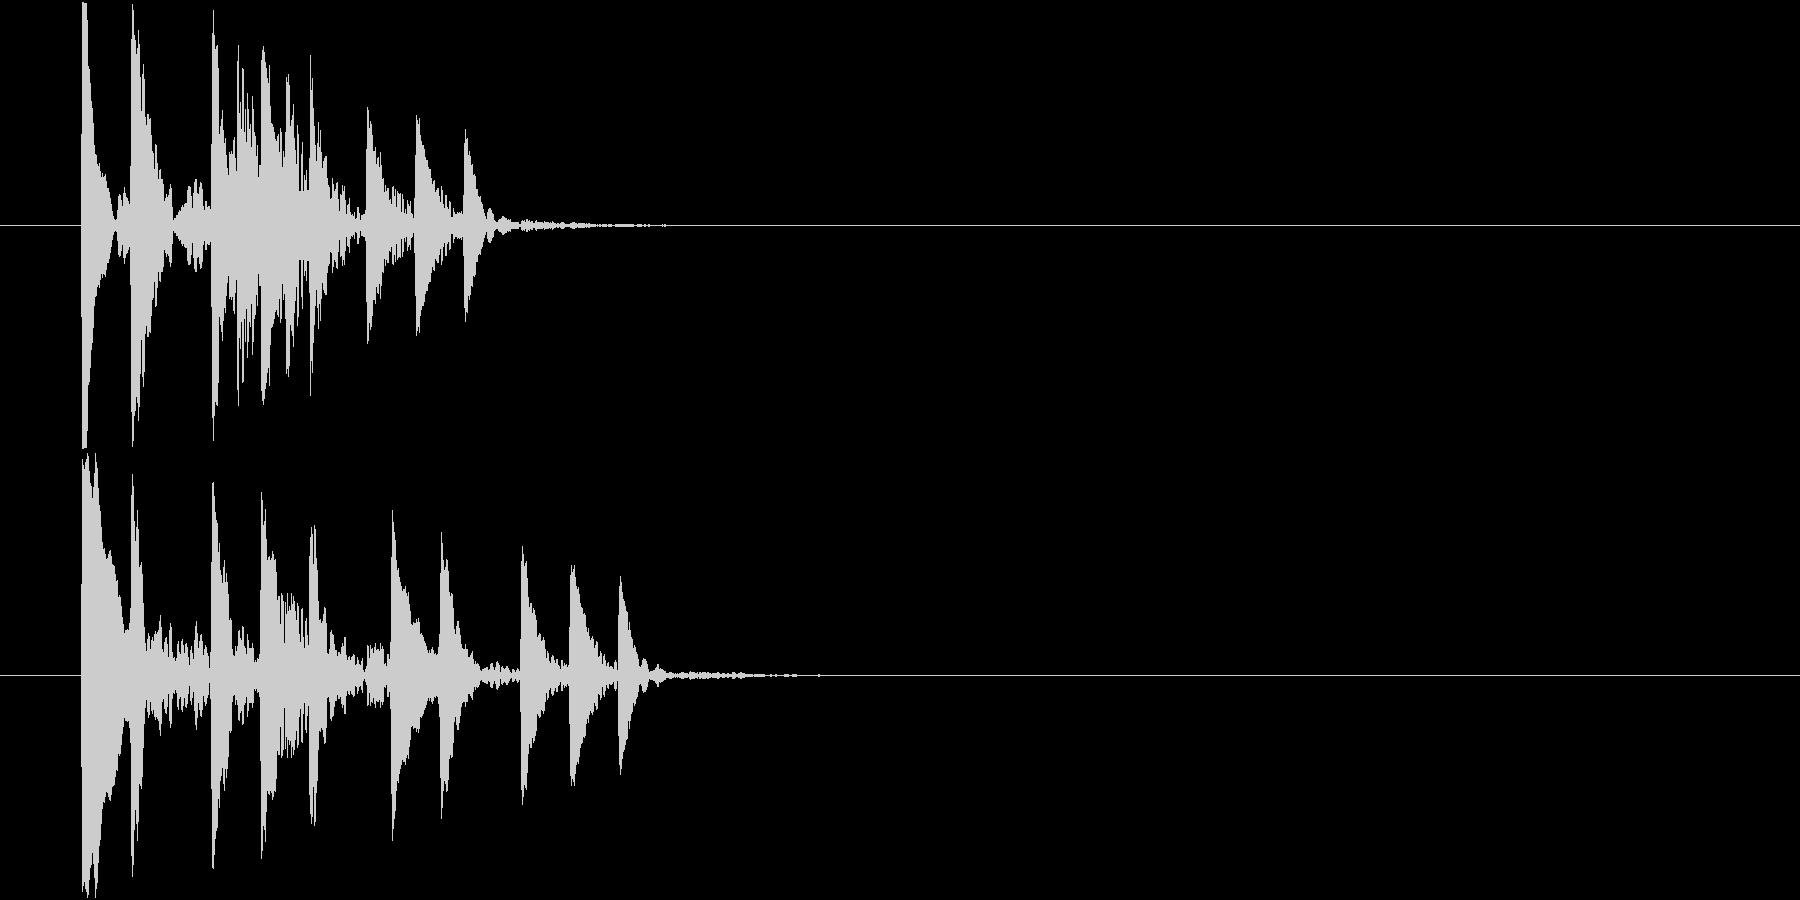 回復アイテム使用時やアイテム取得時の音の未再生の波形